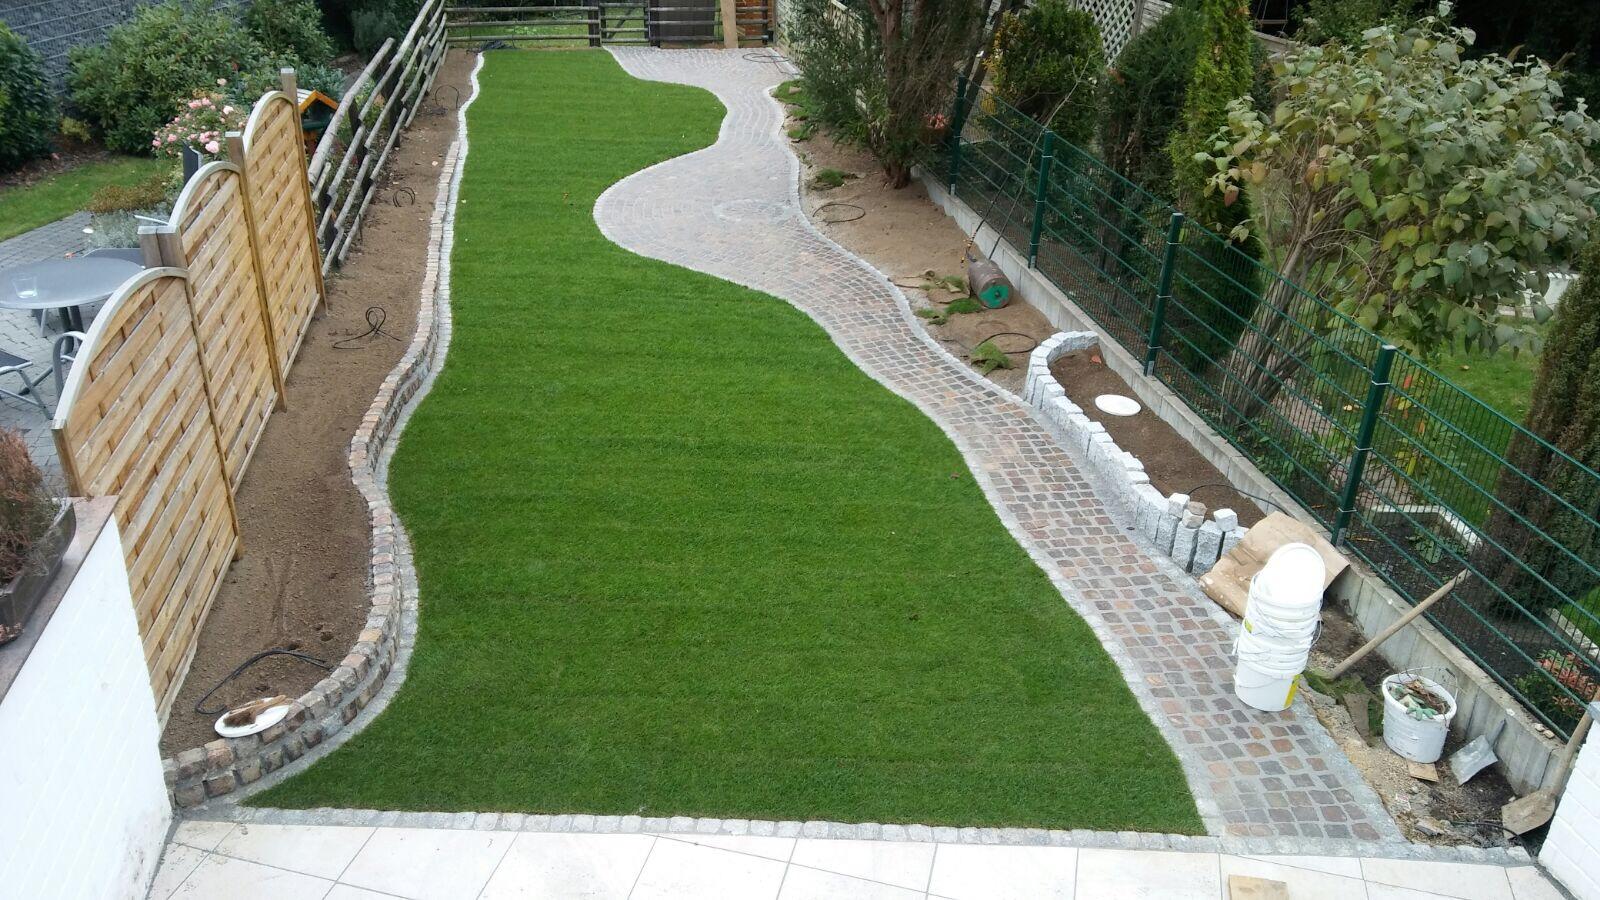 Garten- und Landschaftsbau Ertürk - Gartengestaltung Erdarbeiten ...